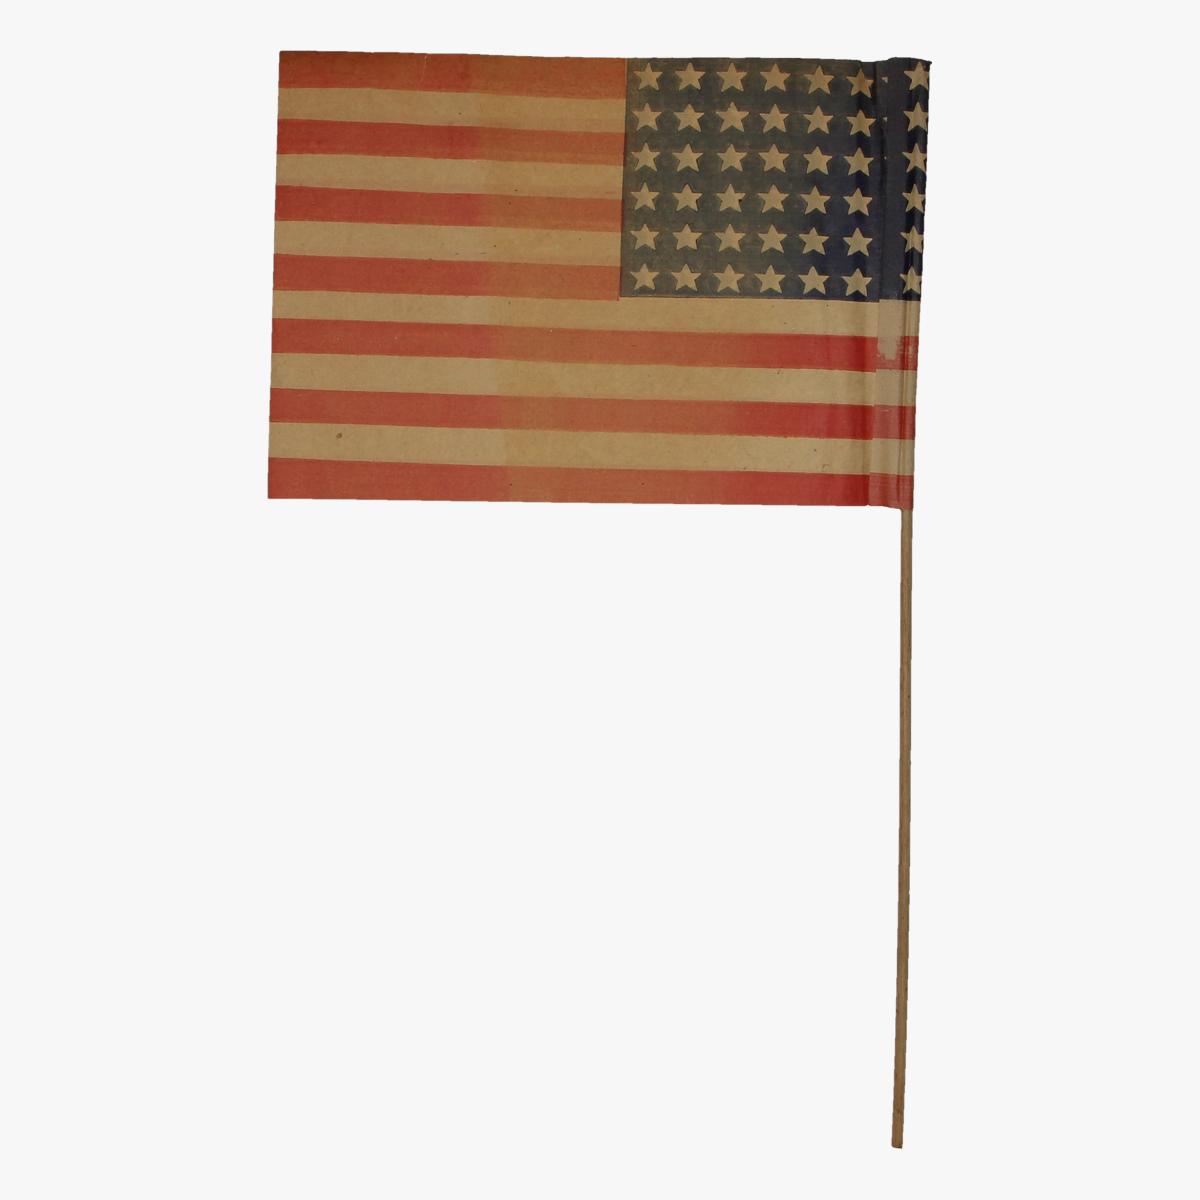 Afbeeldingen van expo 58 amerikaanse vlagje